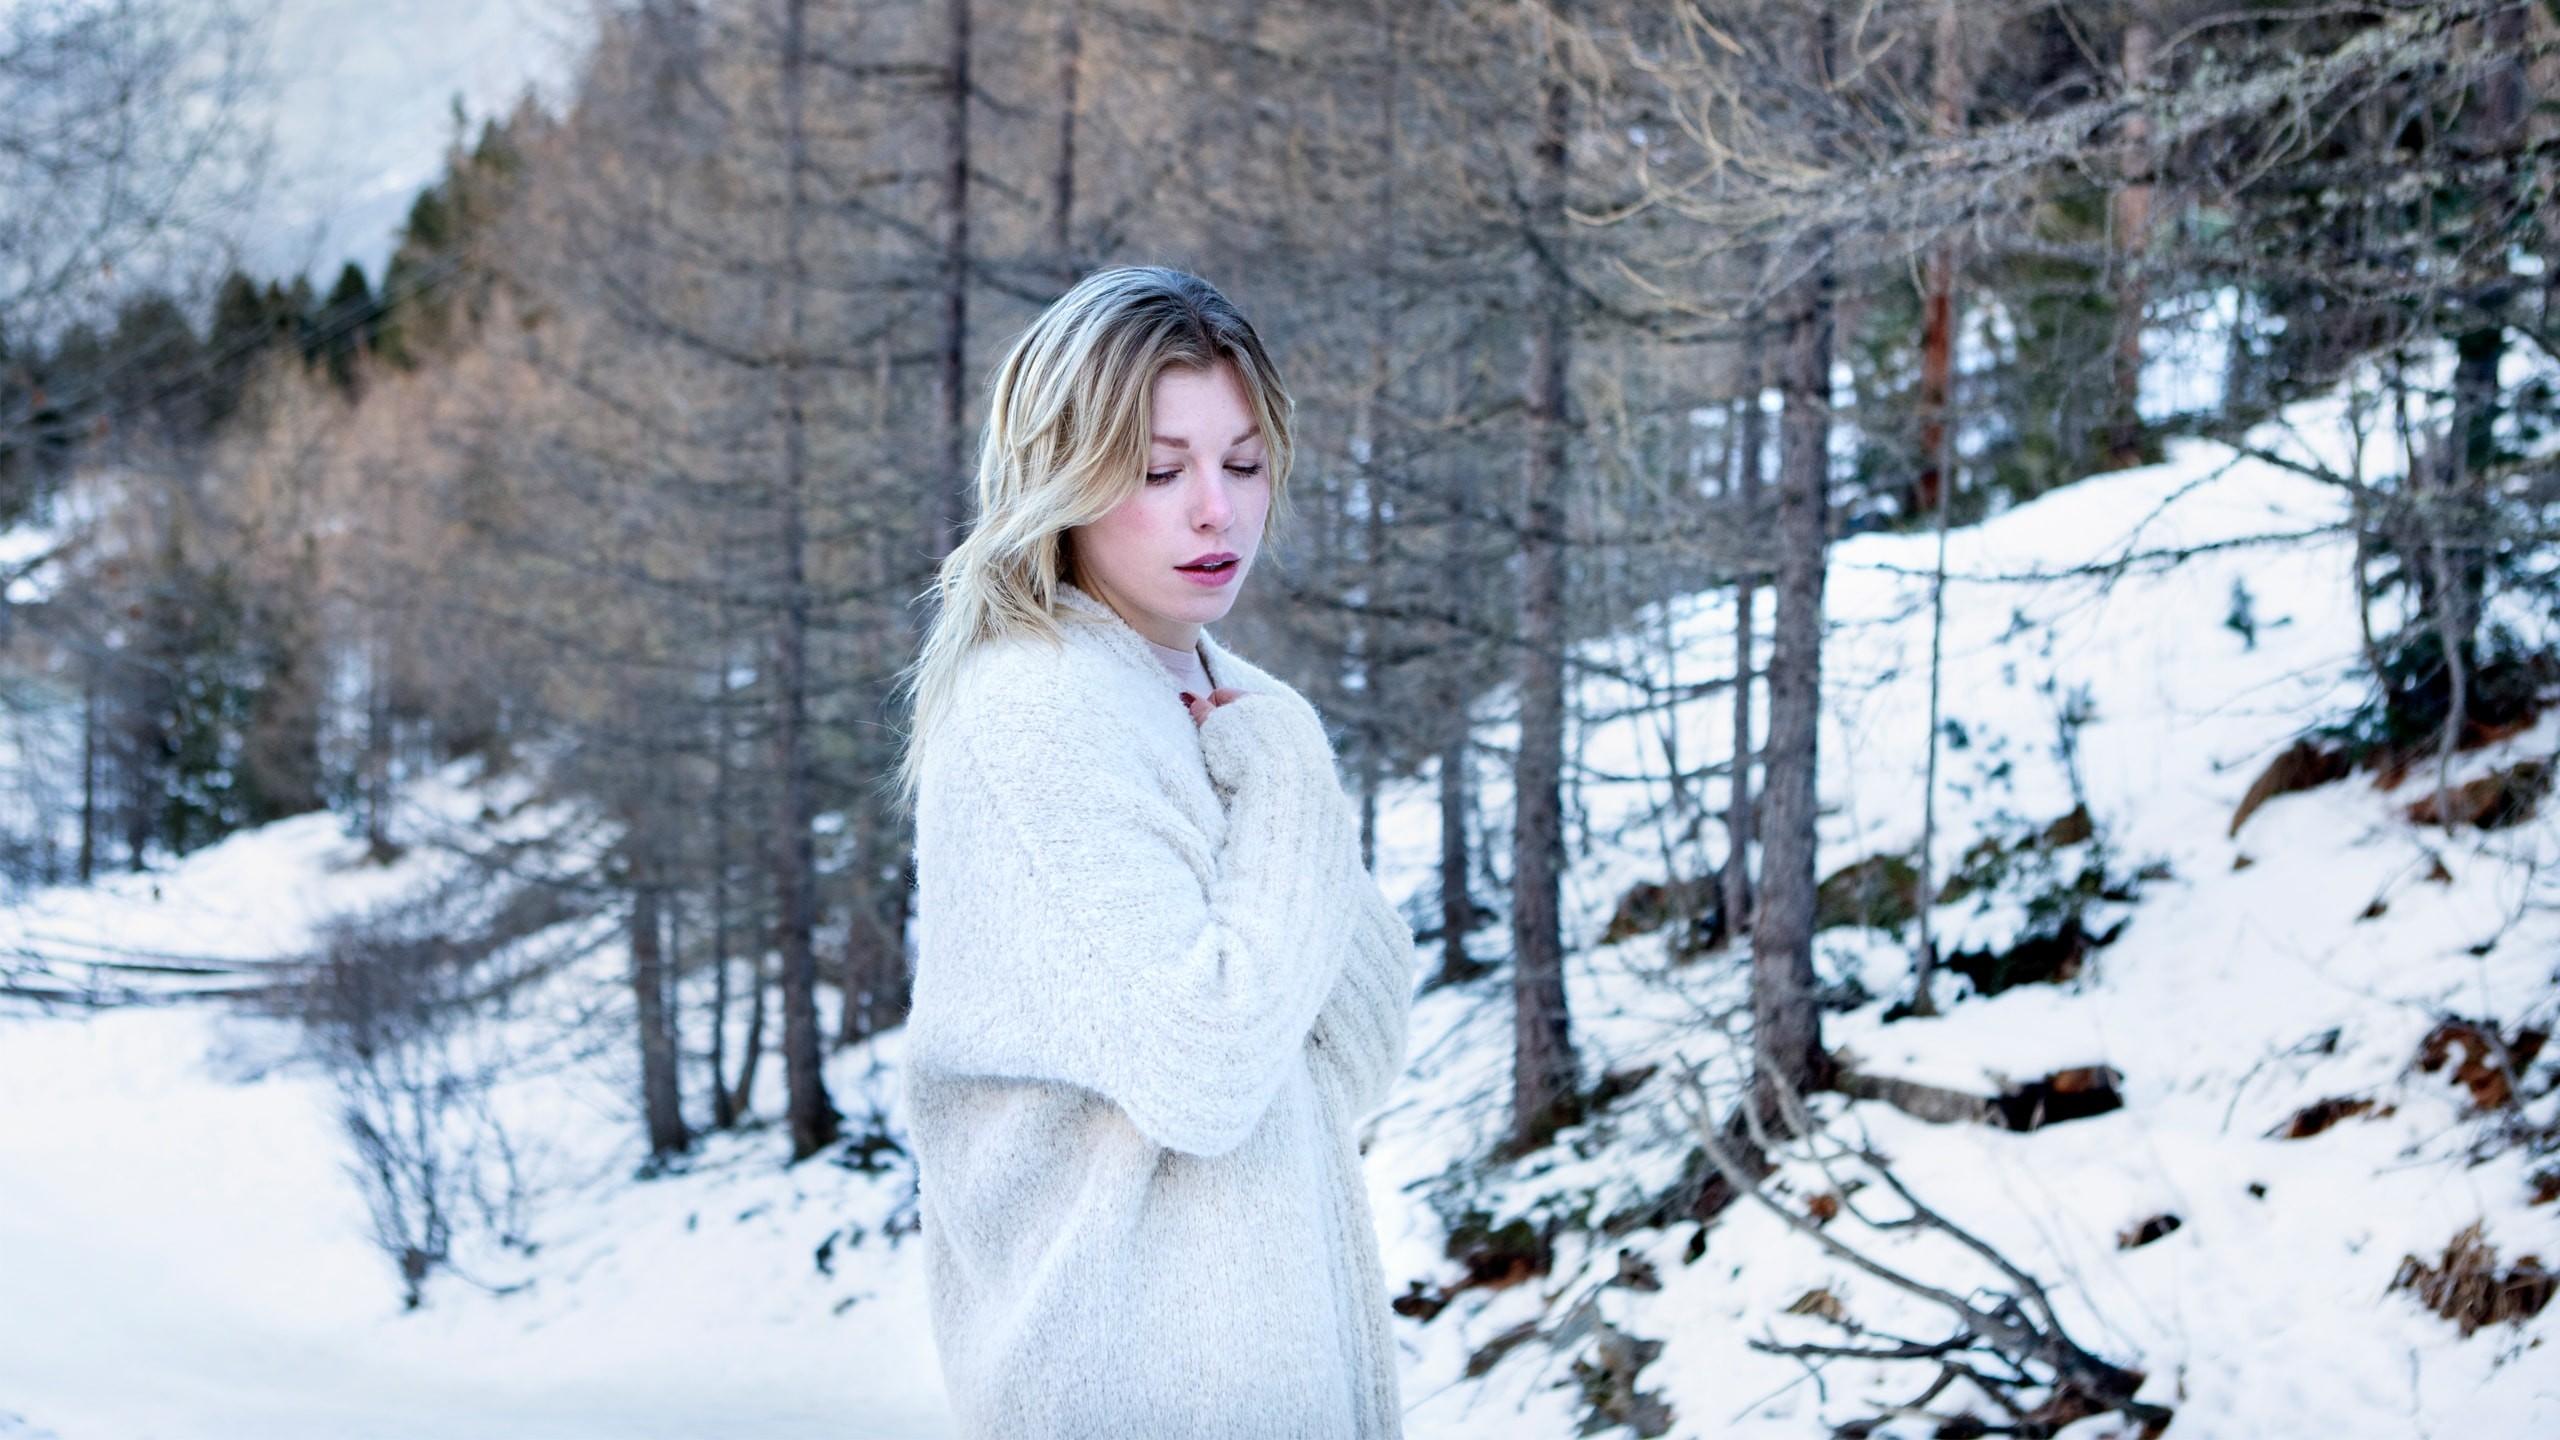 maurice-knitwear-made-by-bernadette-wollen-cardigan-breigoed-ln-knits-wol-6